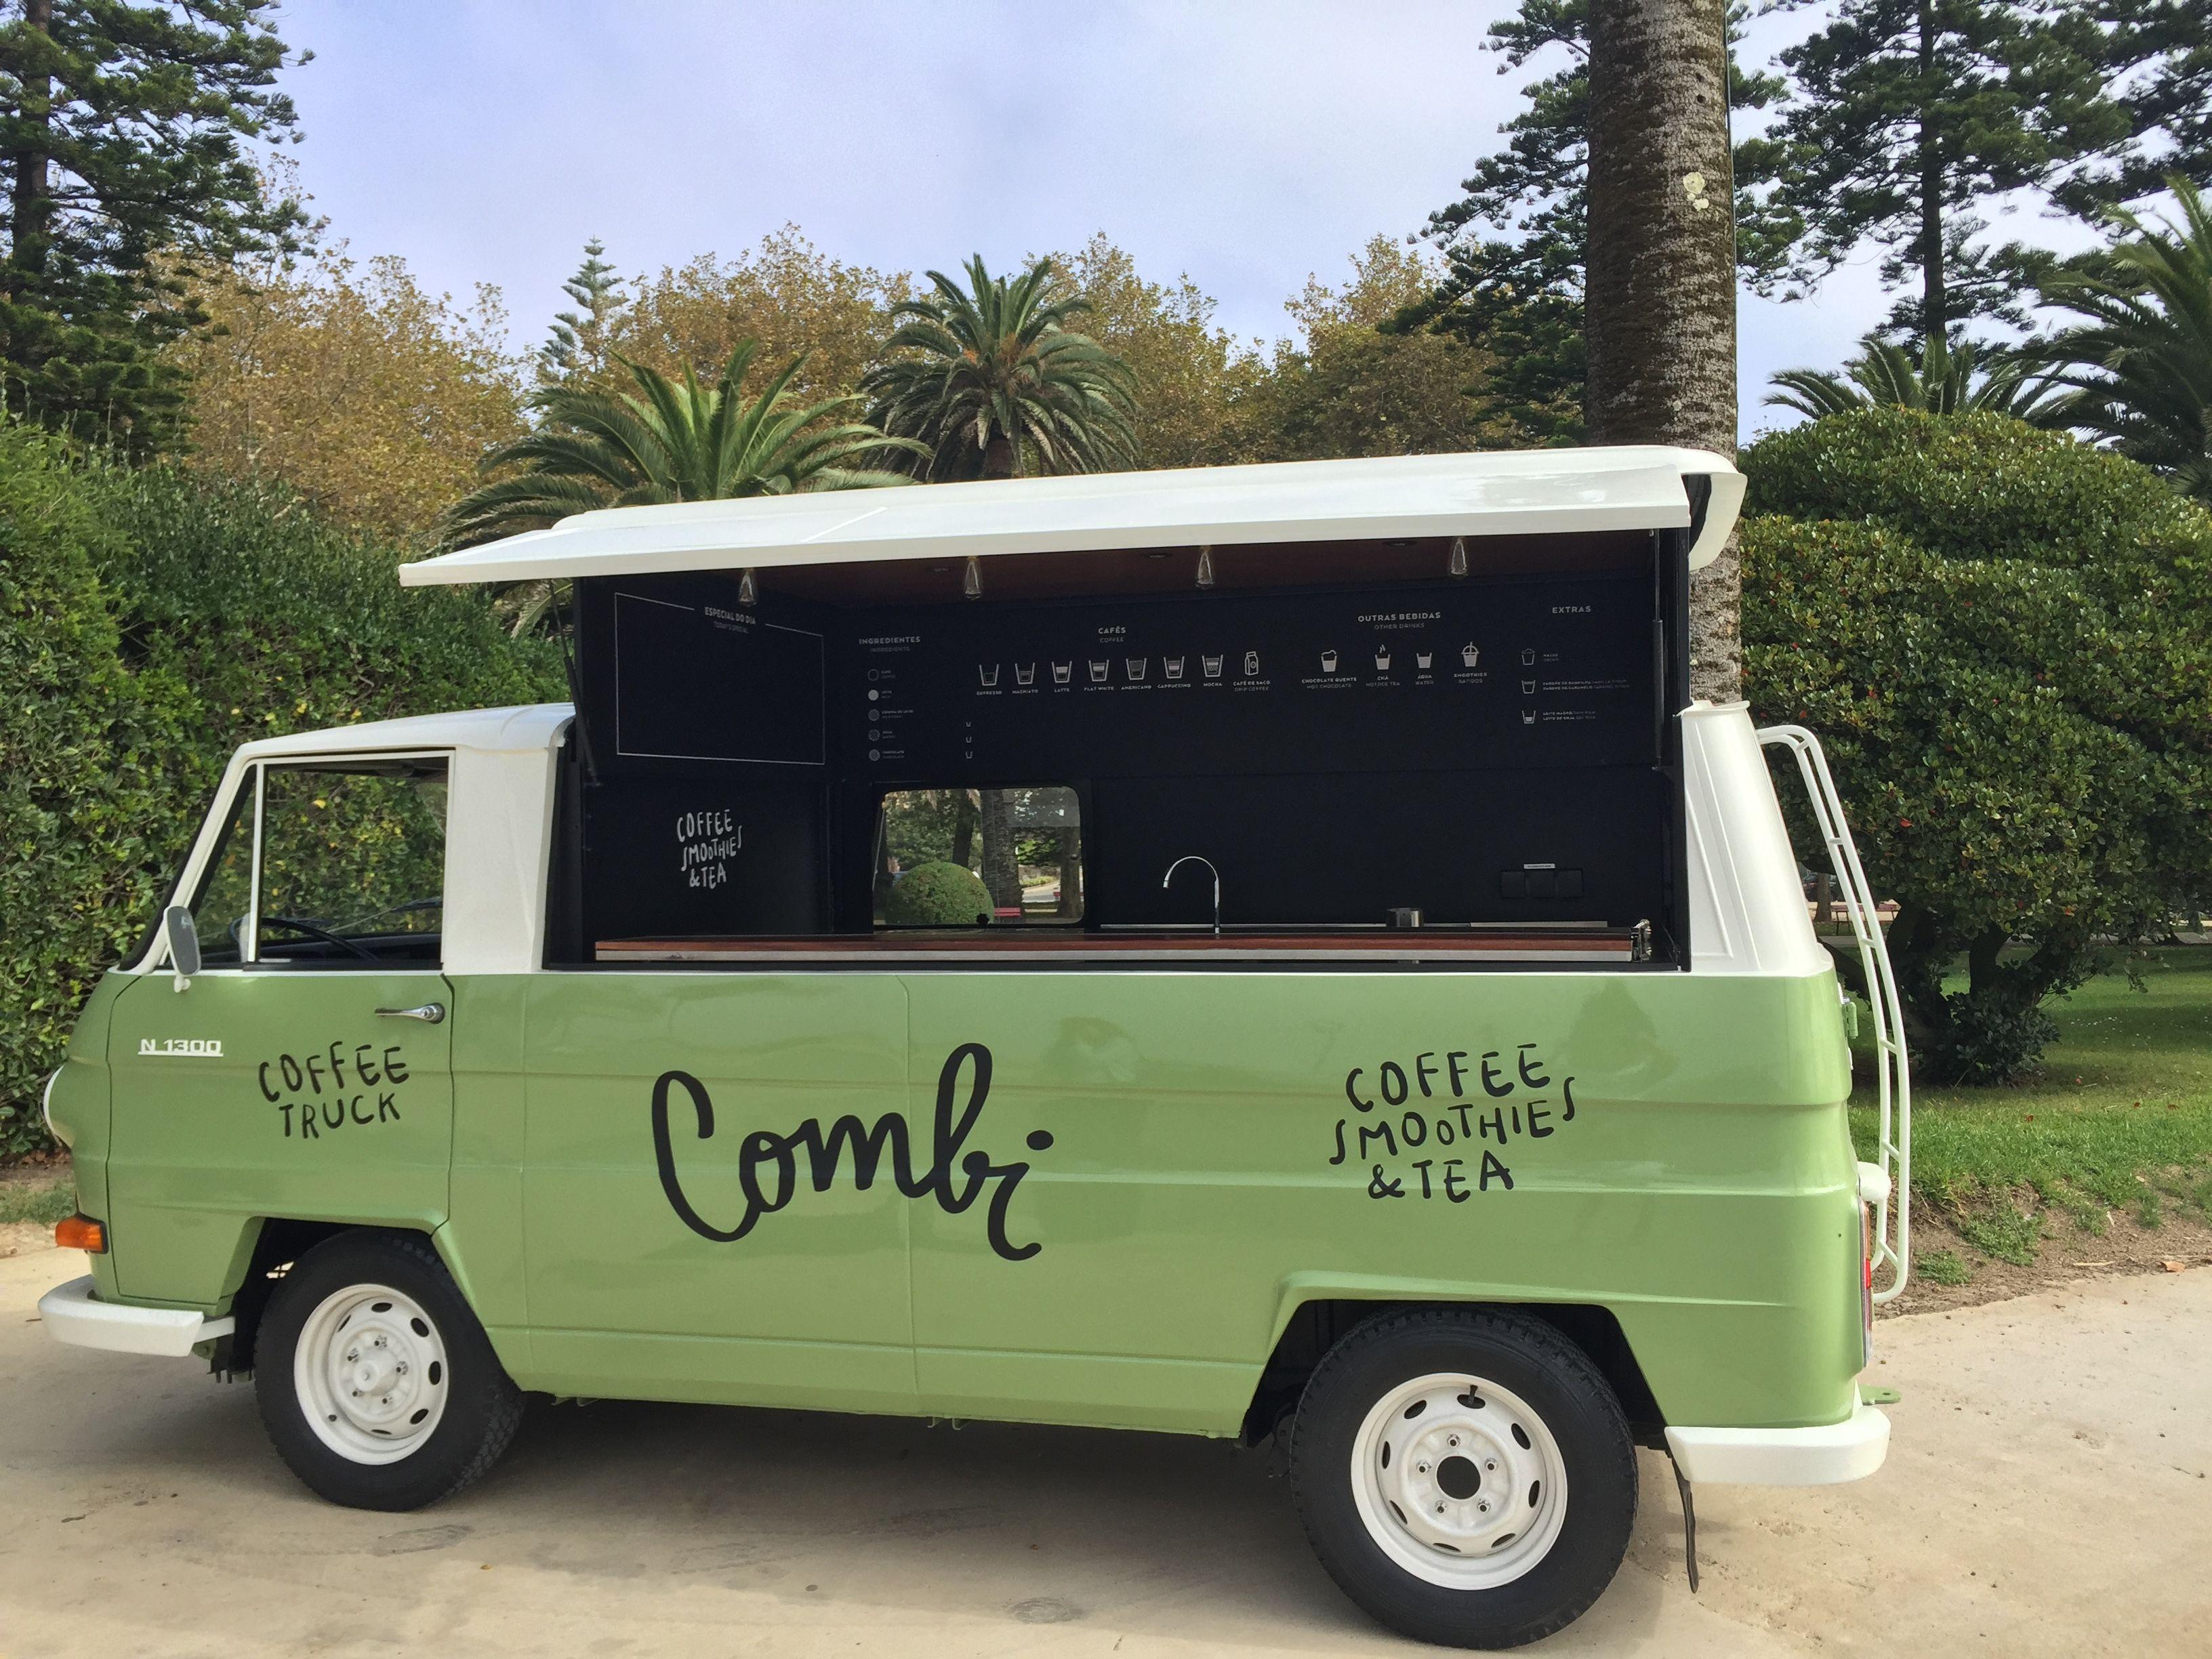 25 of the best food truck designs design galleries paste - Mercedes N1300